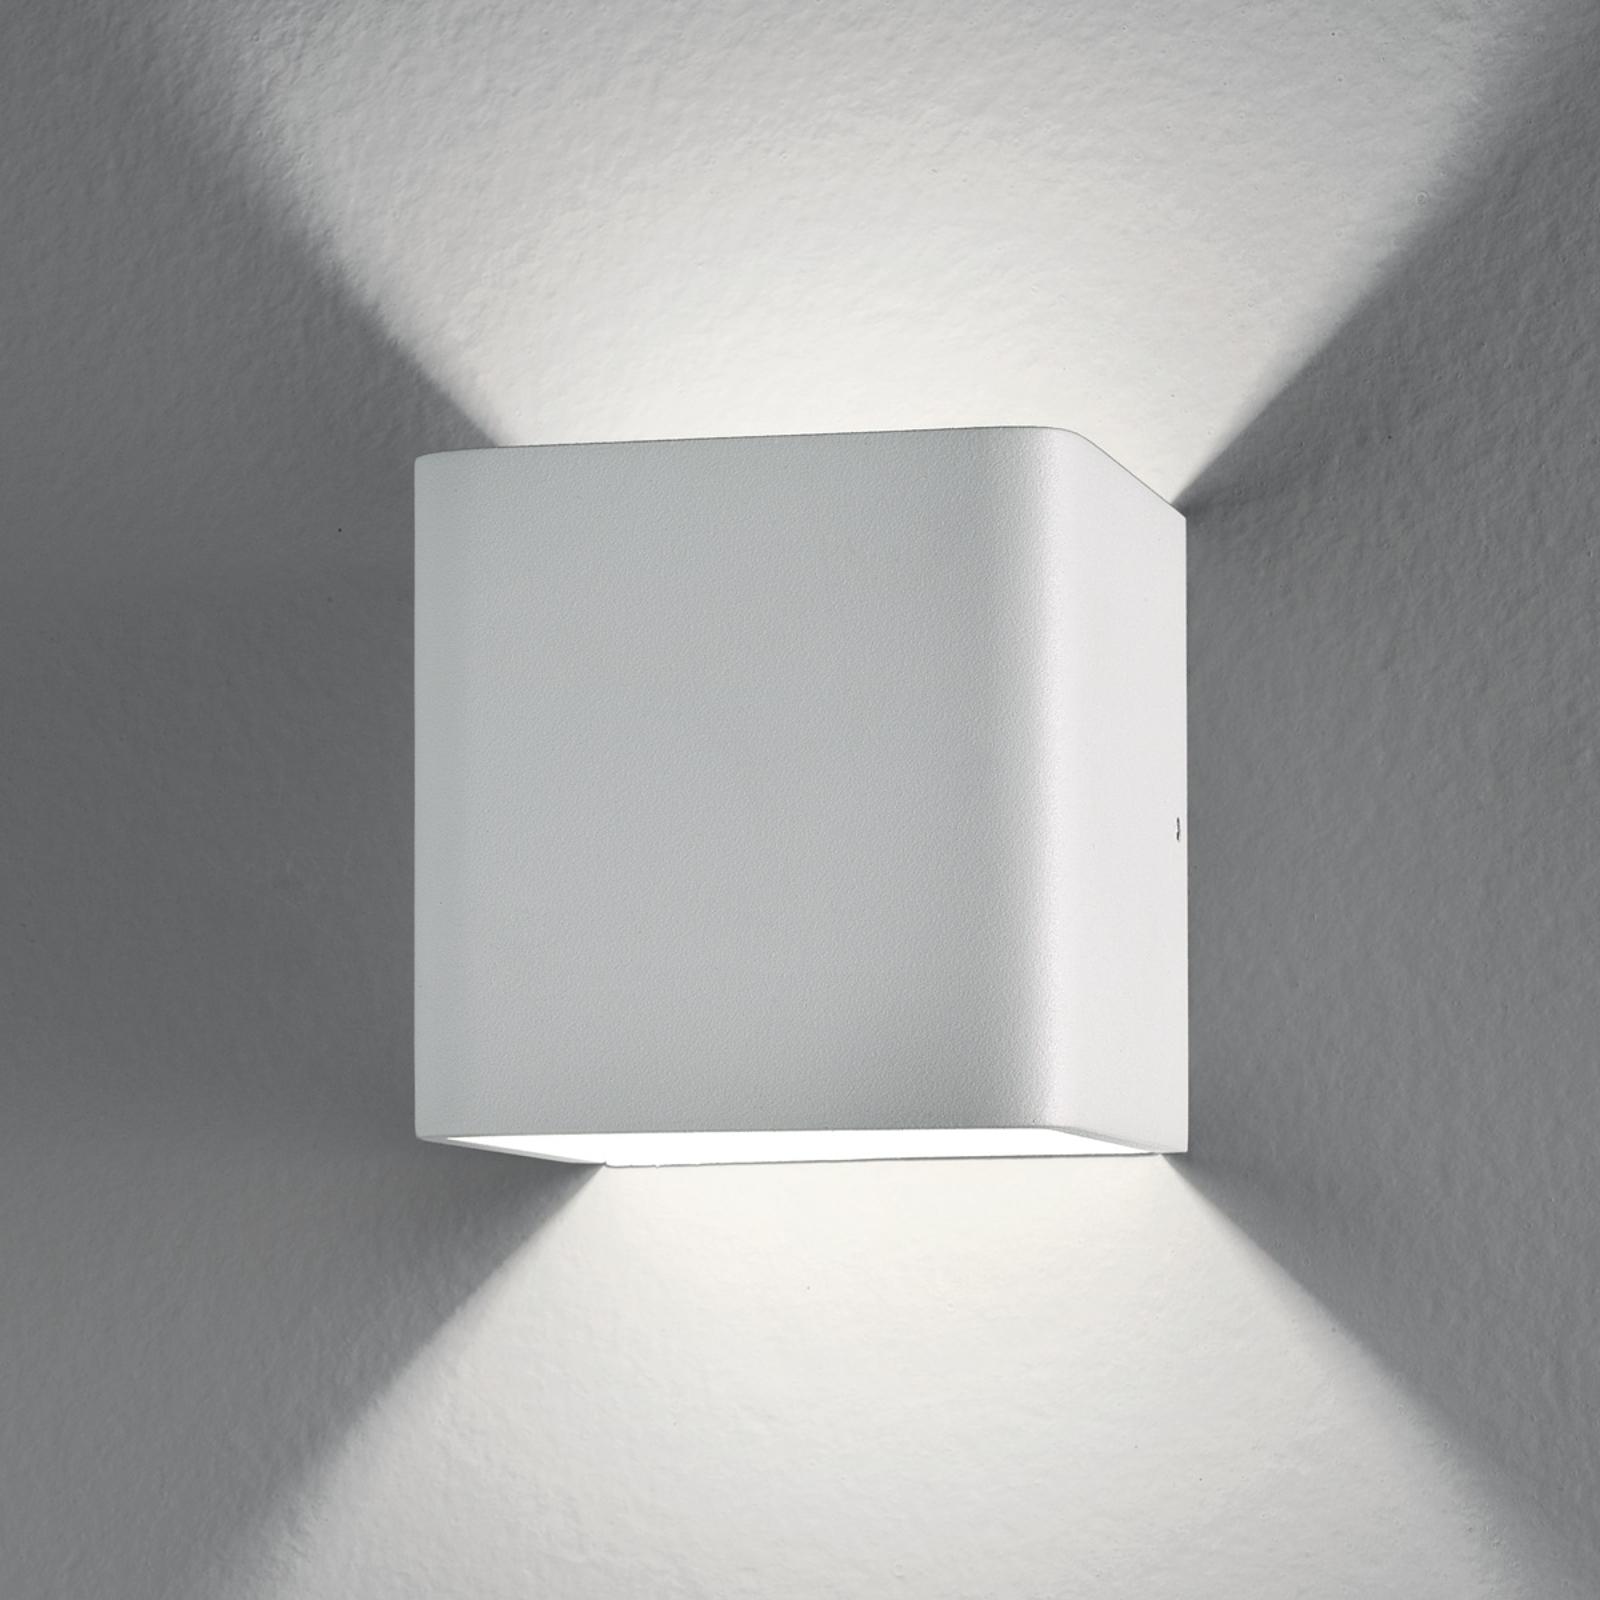 Kubisk LED-vegglampe Gino, 6 W